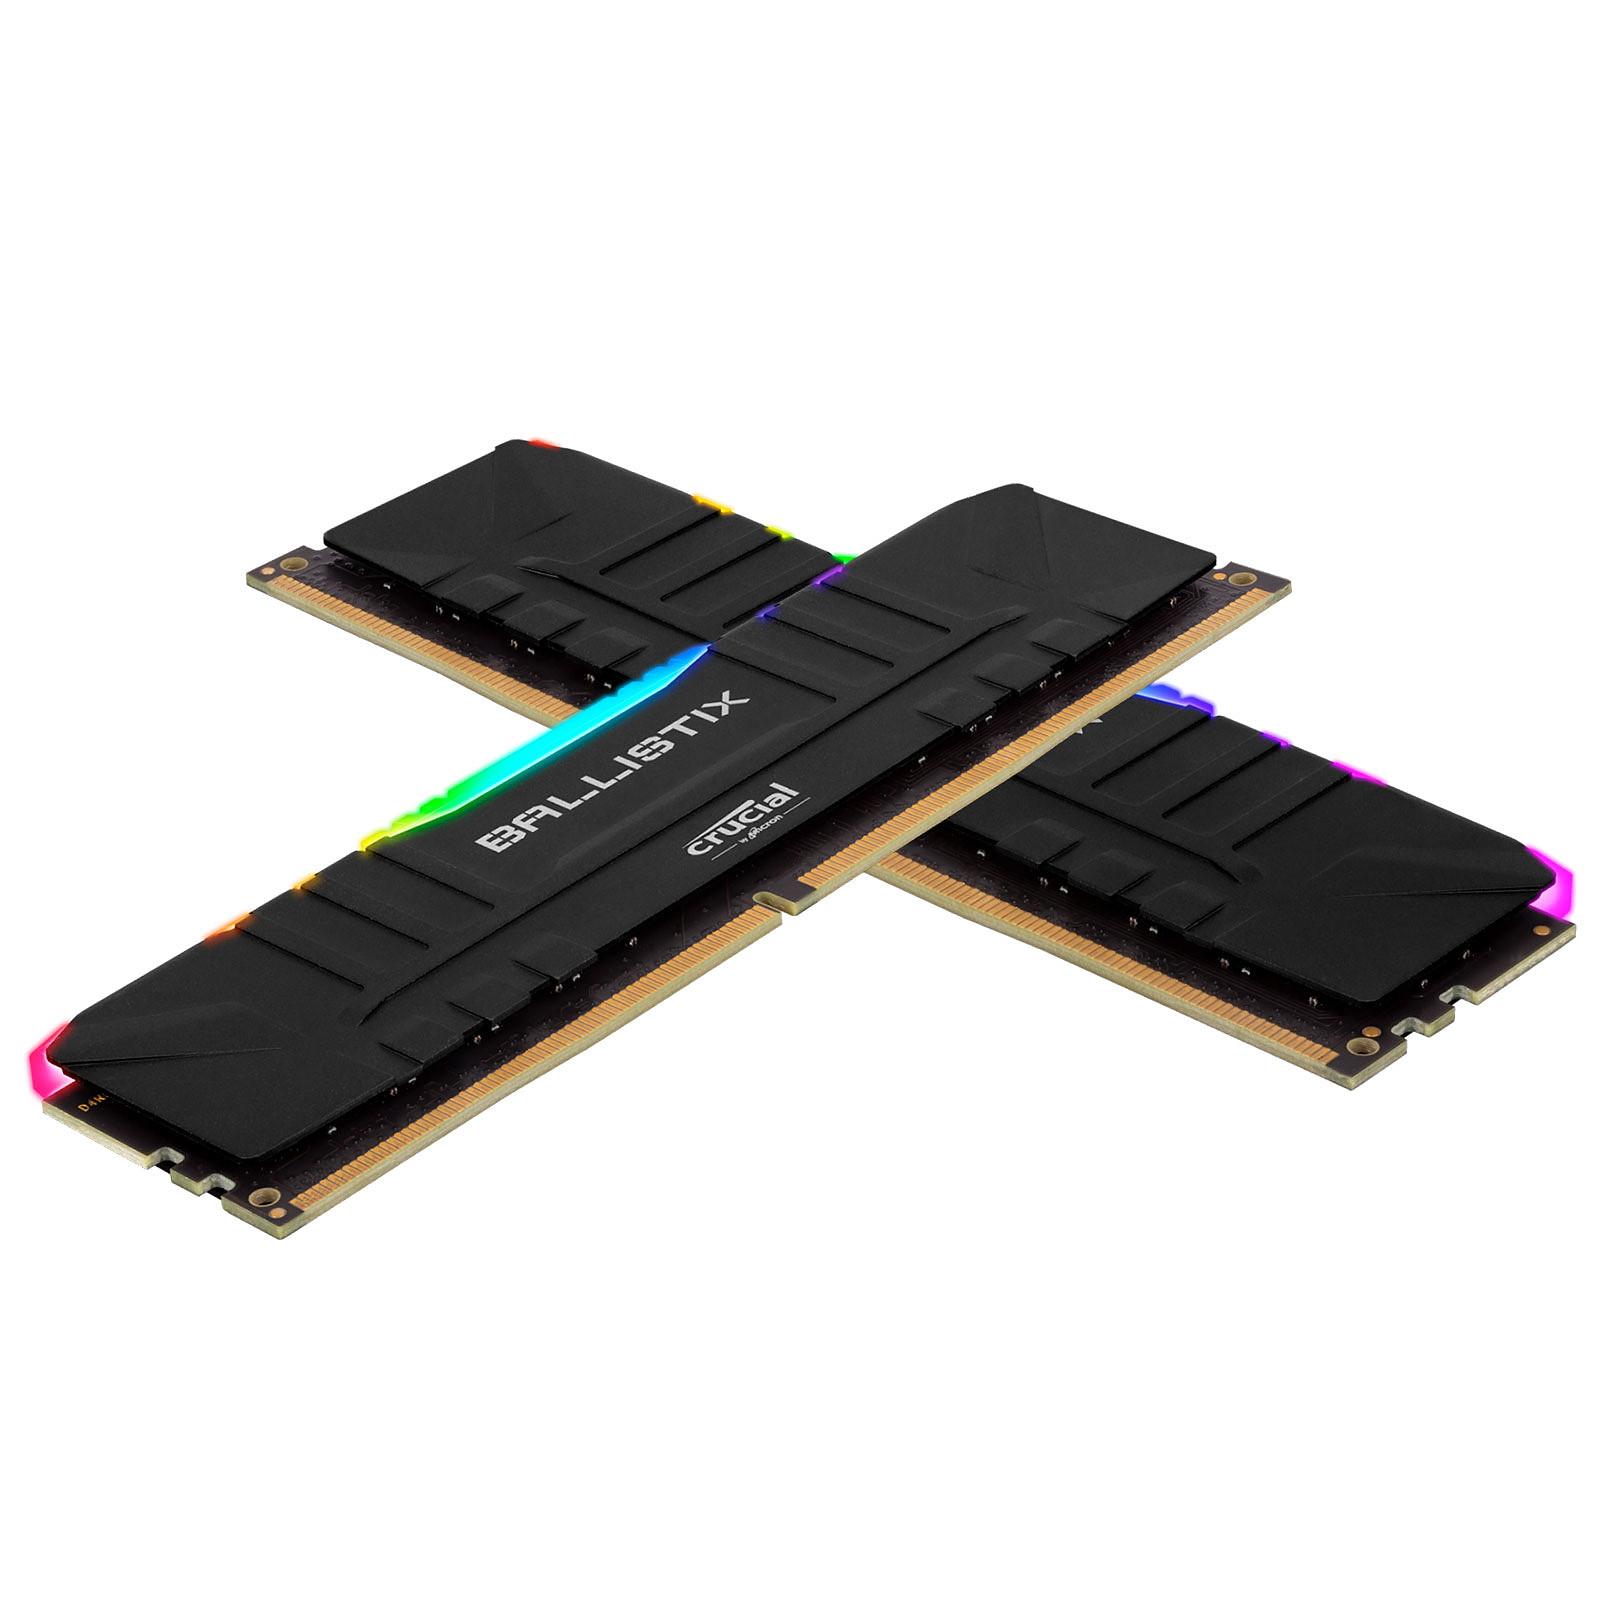 BL2K16G32C16U4BL RGB (2x16Go DDR4 3200 PC25600) (BL2K16G32C16U4BL) - Achat / Vente Mémoire PC sur Picata.fr - 0